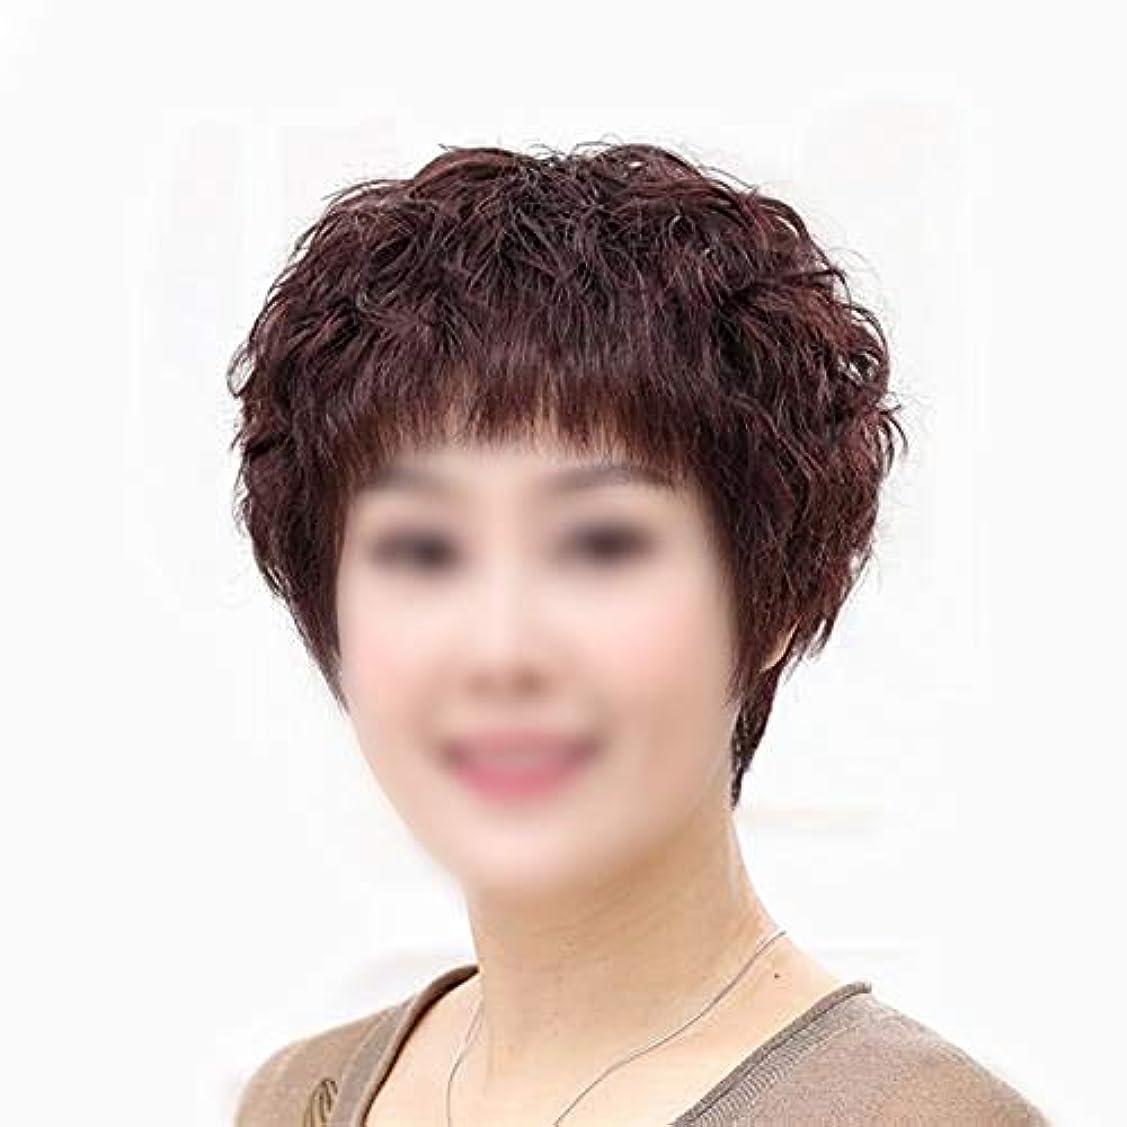 精神的にバーチャル北方YOUQIU 本当の髪ショートカーリーヘアふわふわナチュラル女性中年の母親ウィッグウィッグ (色 : Dark brown)